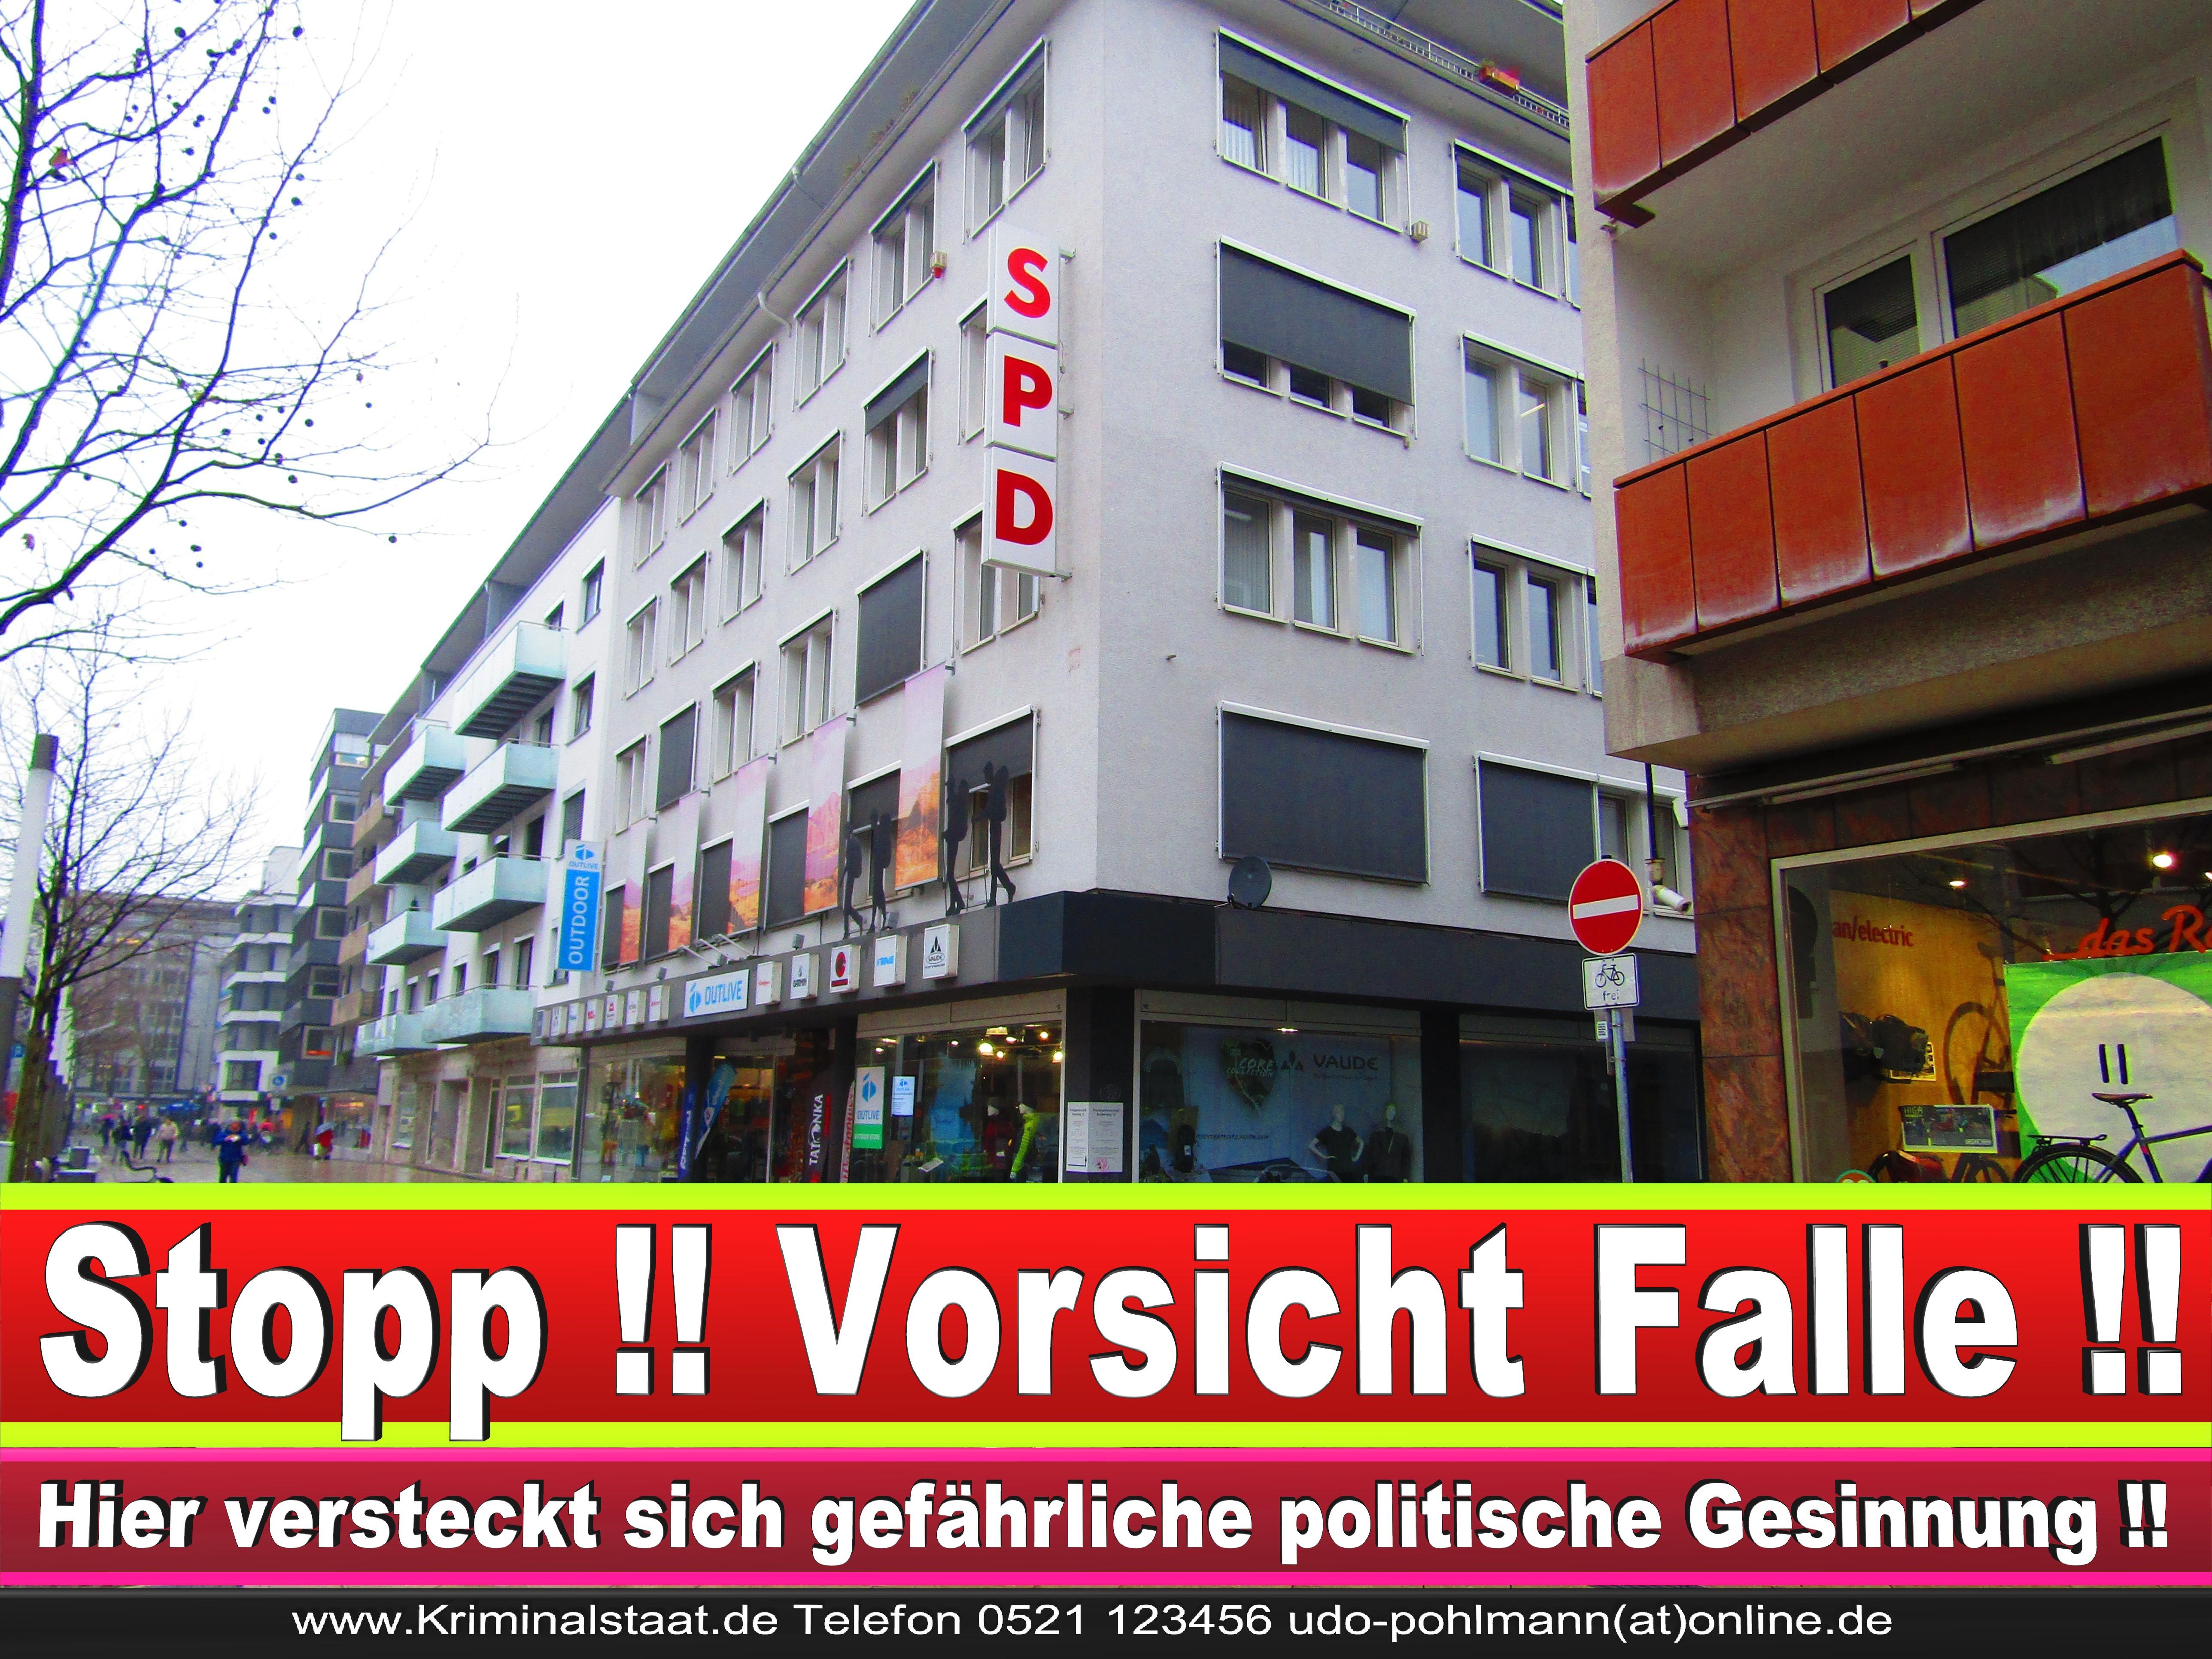 SPD DORTMUND BüRGERBüRO SPD ORTSVERBAND RAT STADT RATSMITGLIEDER SPD FRAKTION GESCHäFTSSTELLE SPD NRW ADRESSE (16) 1 1